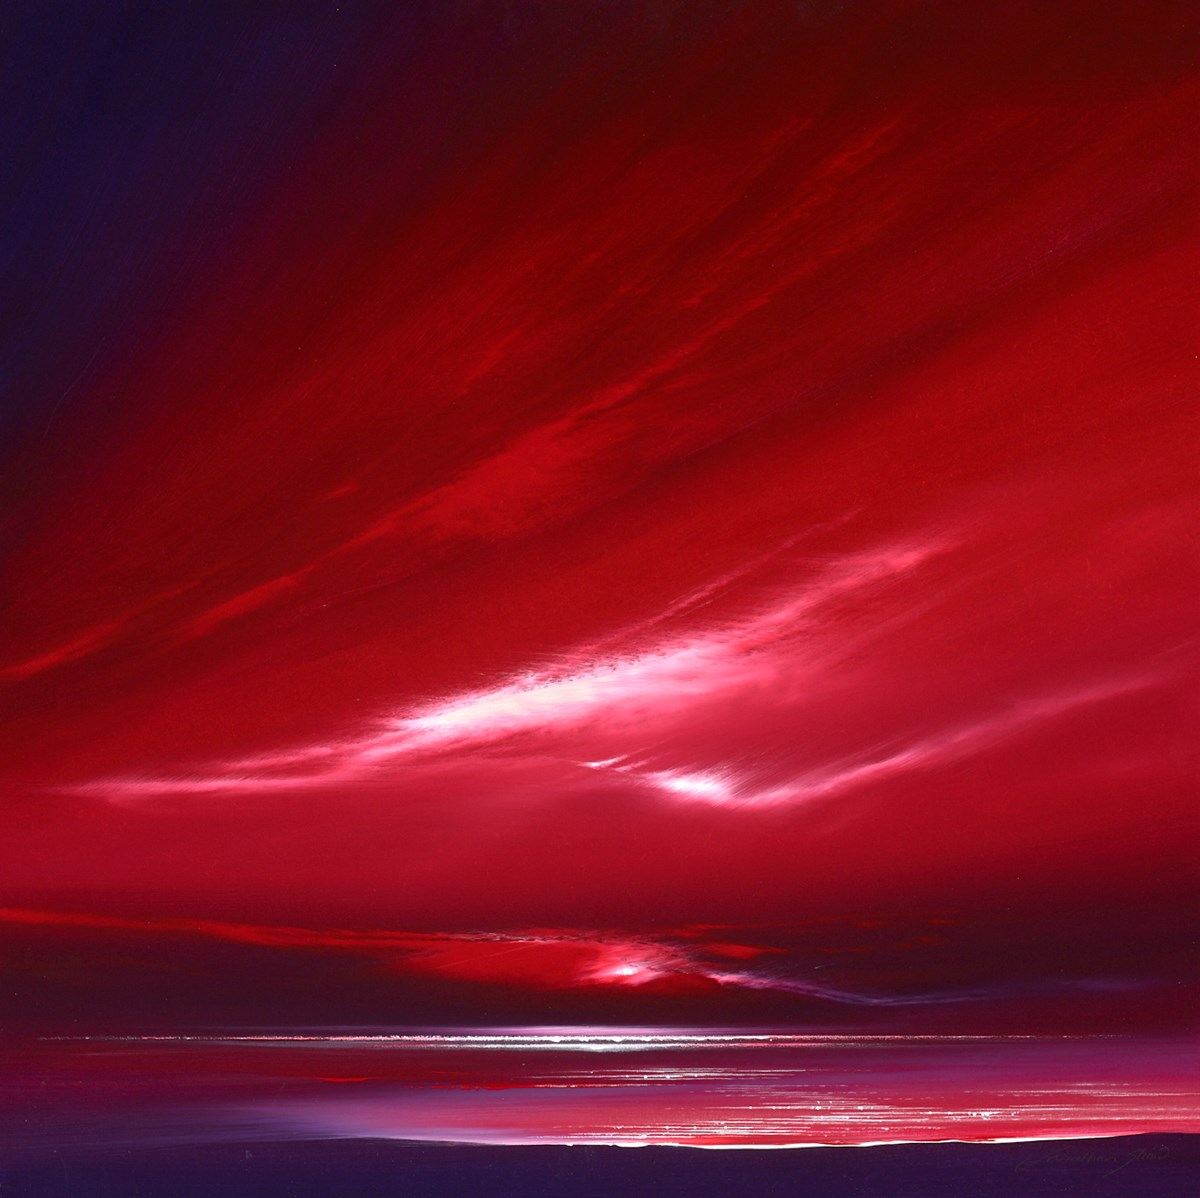 Deep Ruby Skies